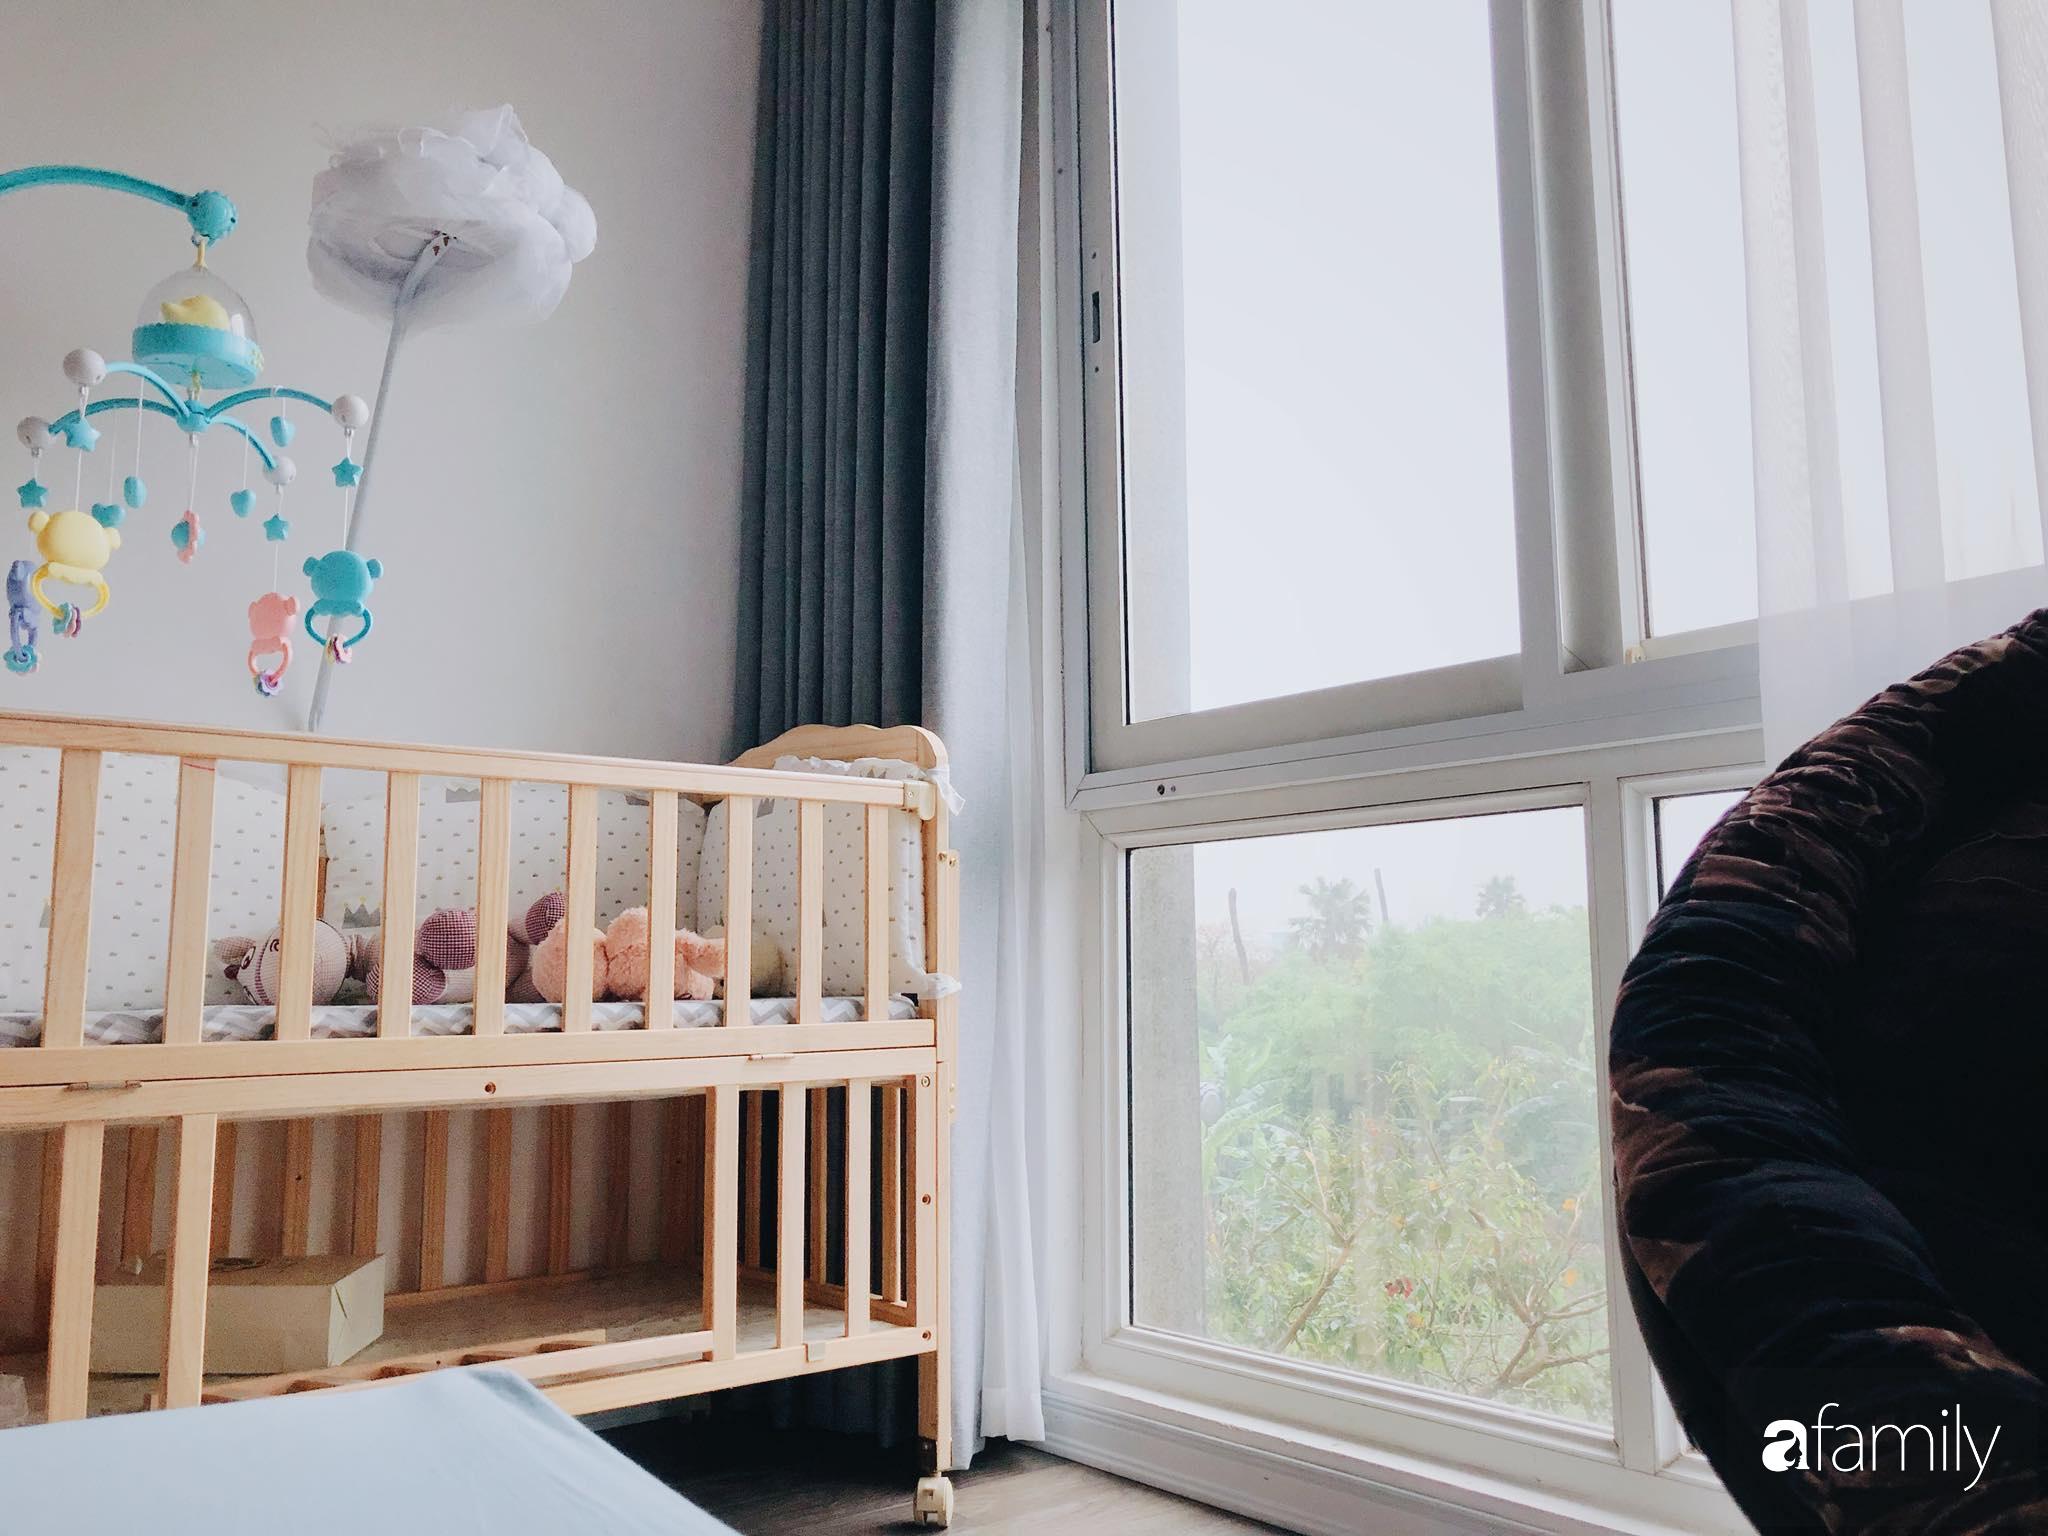 Căn hộ 145m² được décor ấn tượng với điểm nhấn màu xanh ngọc cùng tranh treo tường từ người phụ nữ yêu gia đình ở Hà Nội - Ảnh 17.